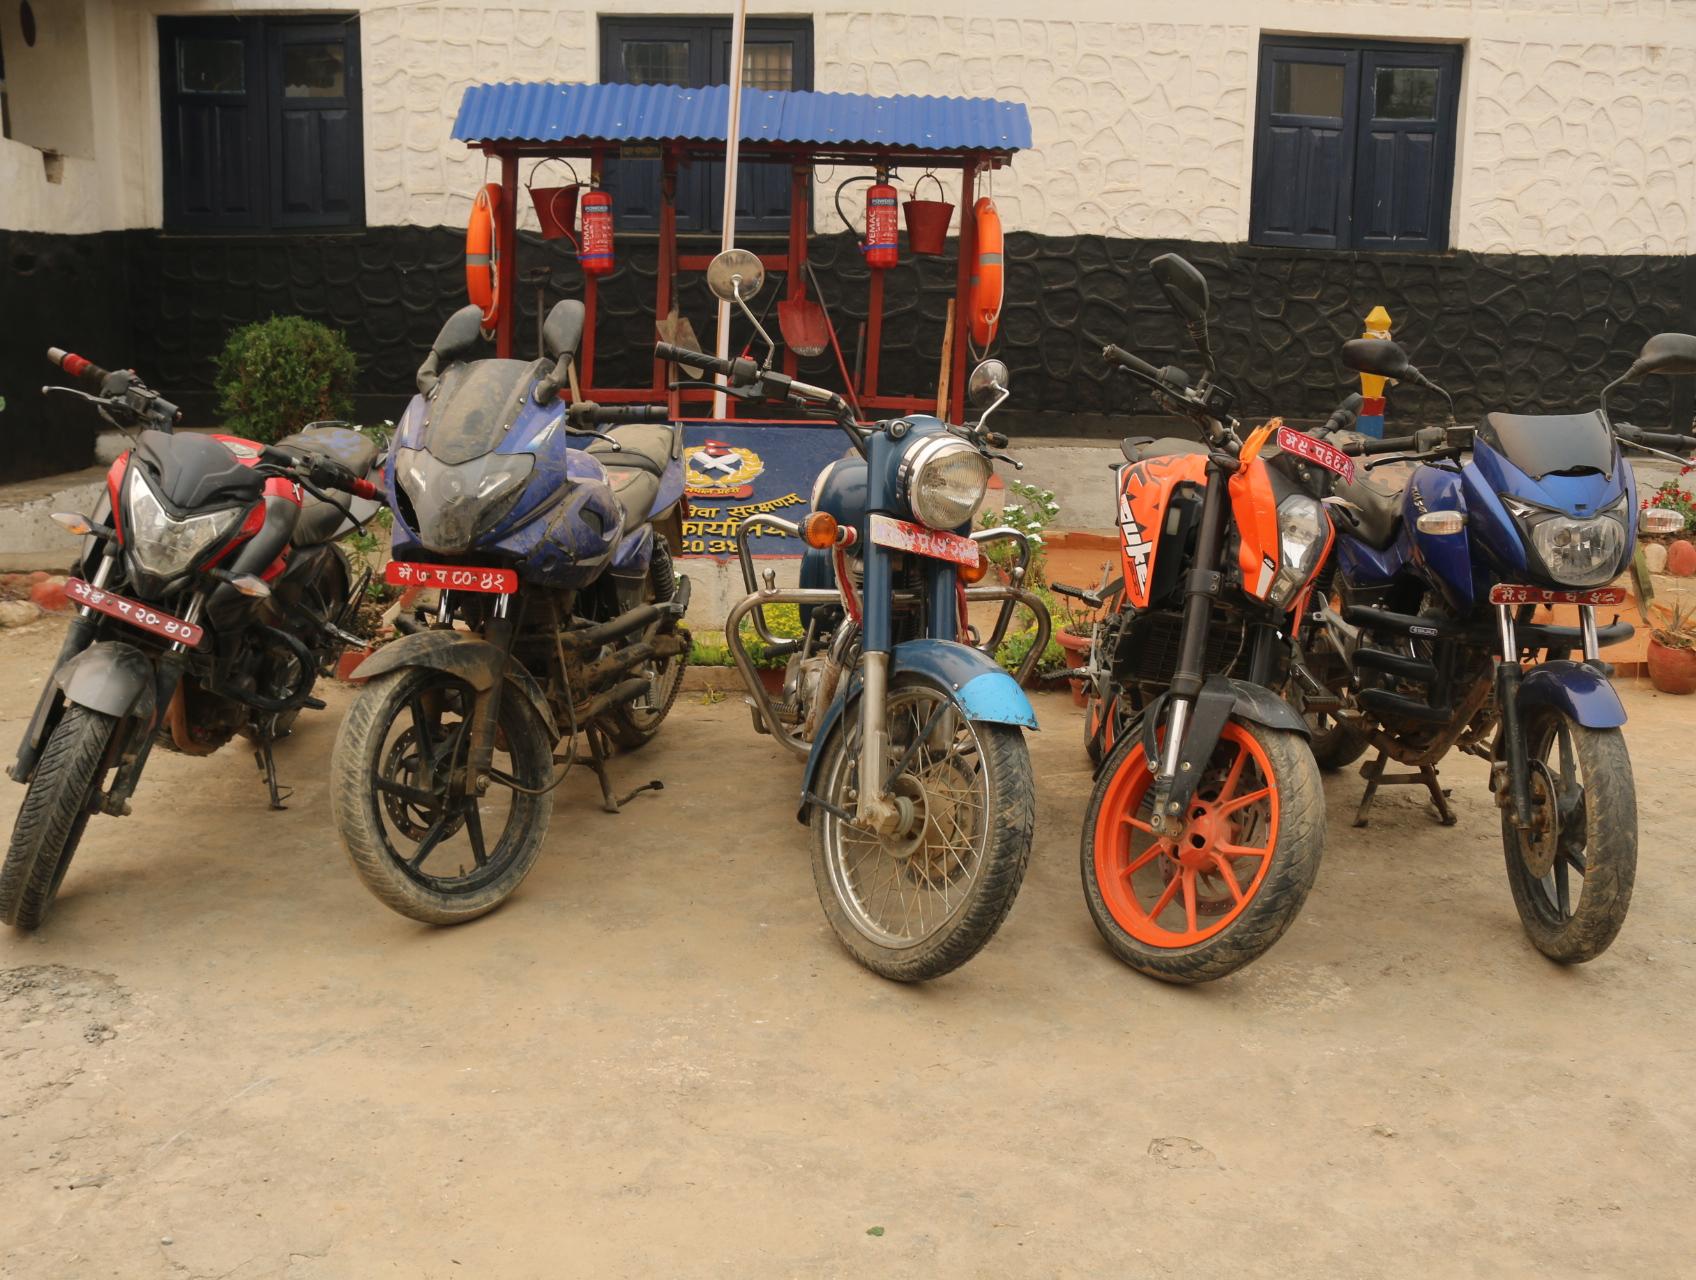 चोरी निकासी रोक्न प्रहरी सक्रिया ,१ करोड २० लाख बराबरको सवारी साधन बरामद